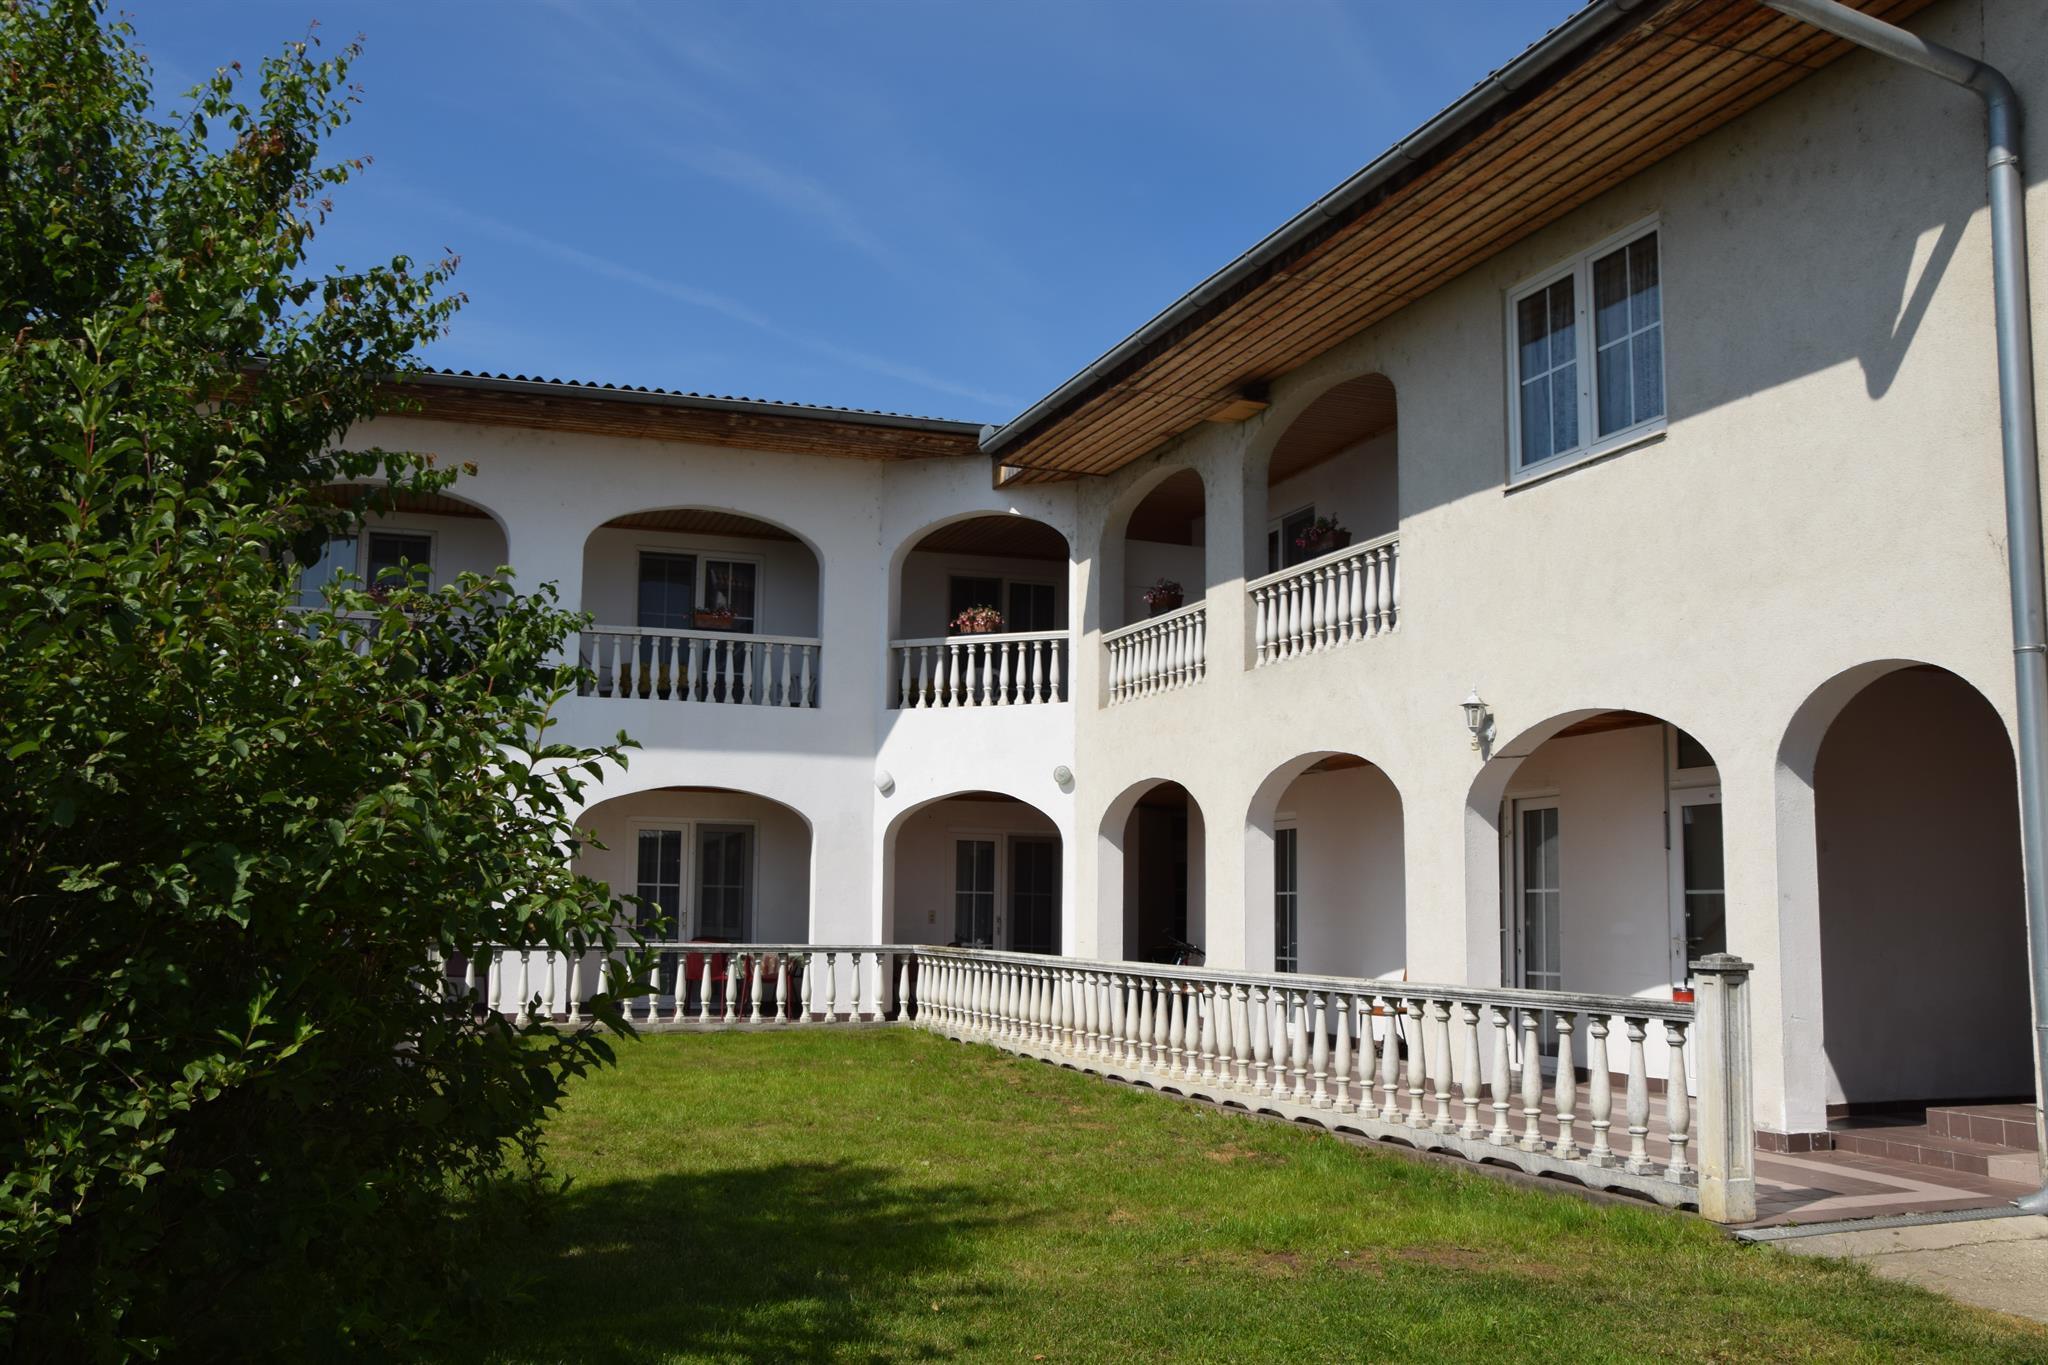 Ferienwohnung Rosenhof Appartementhaus Appartement 30 m² (2008892), Podersdorf am See, Neusiedler See, Burgenland, Österreich, Bild 2